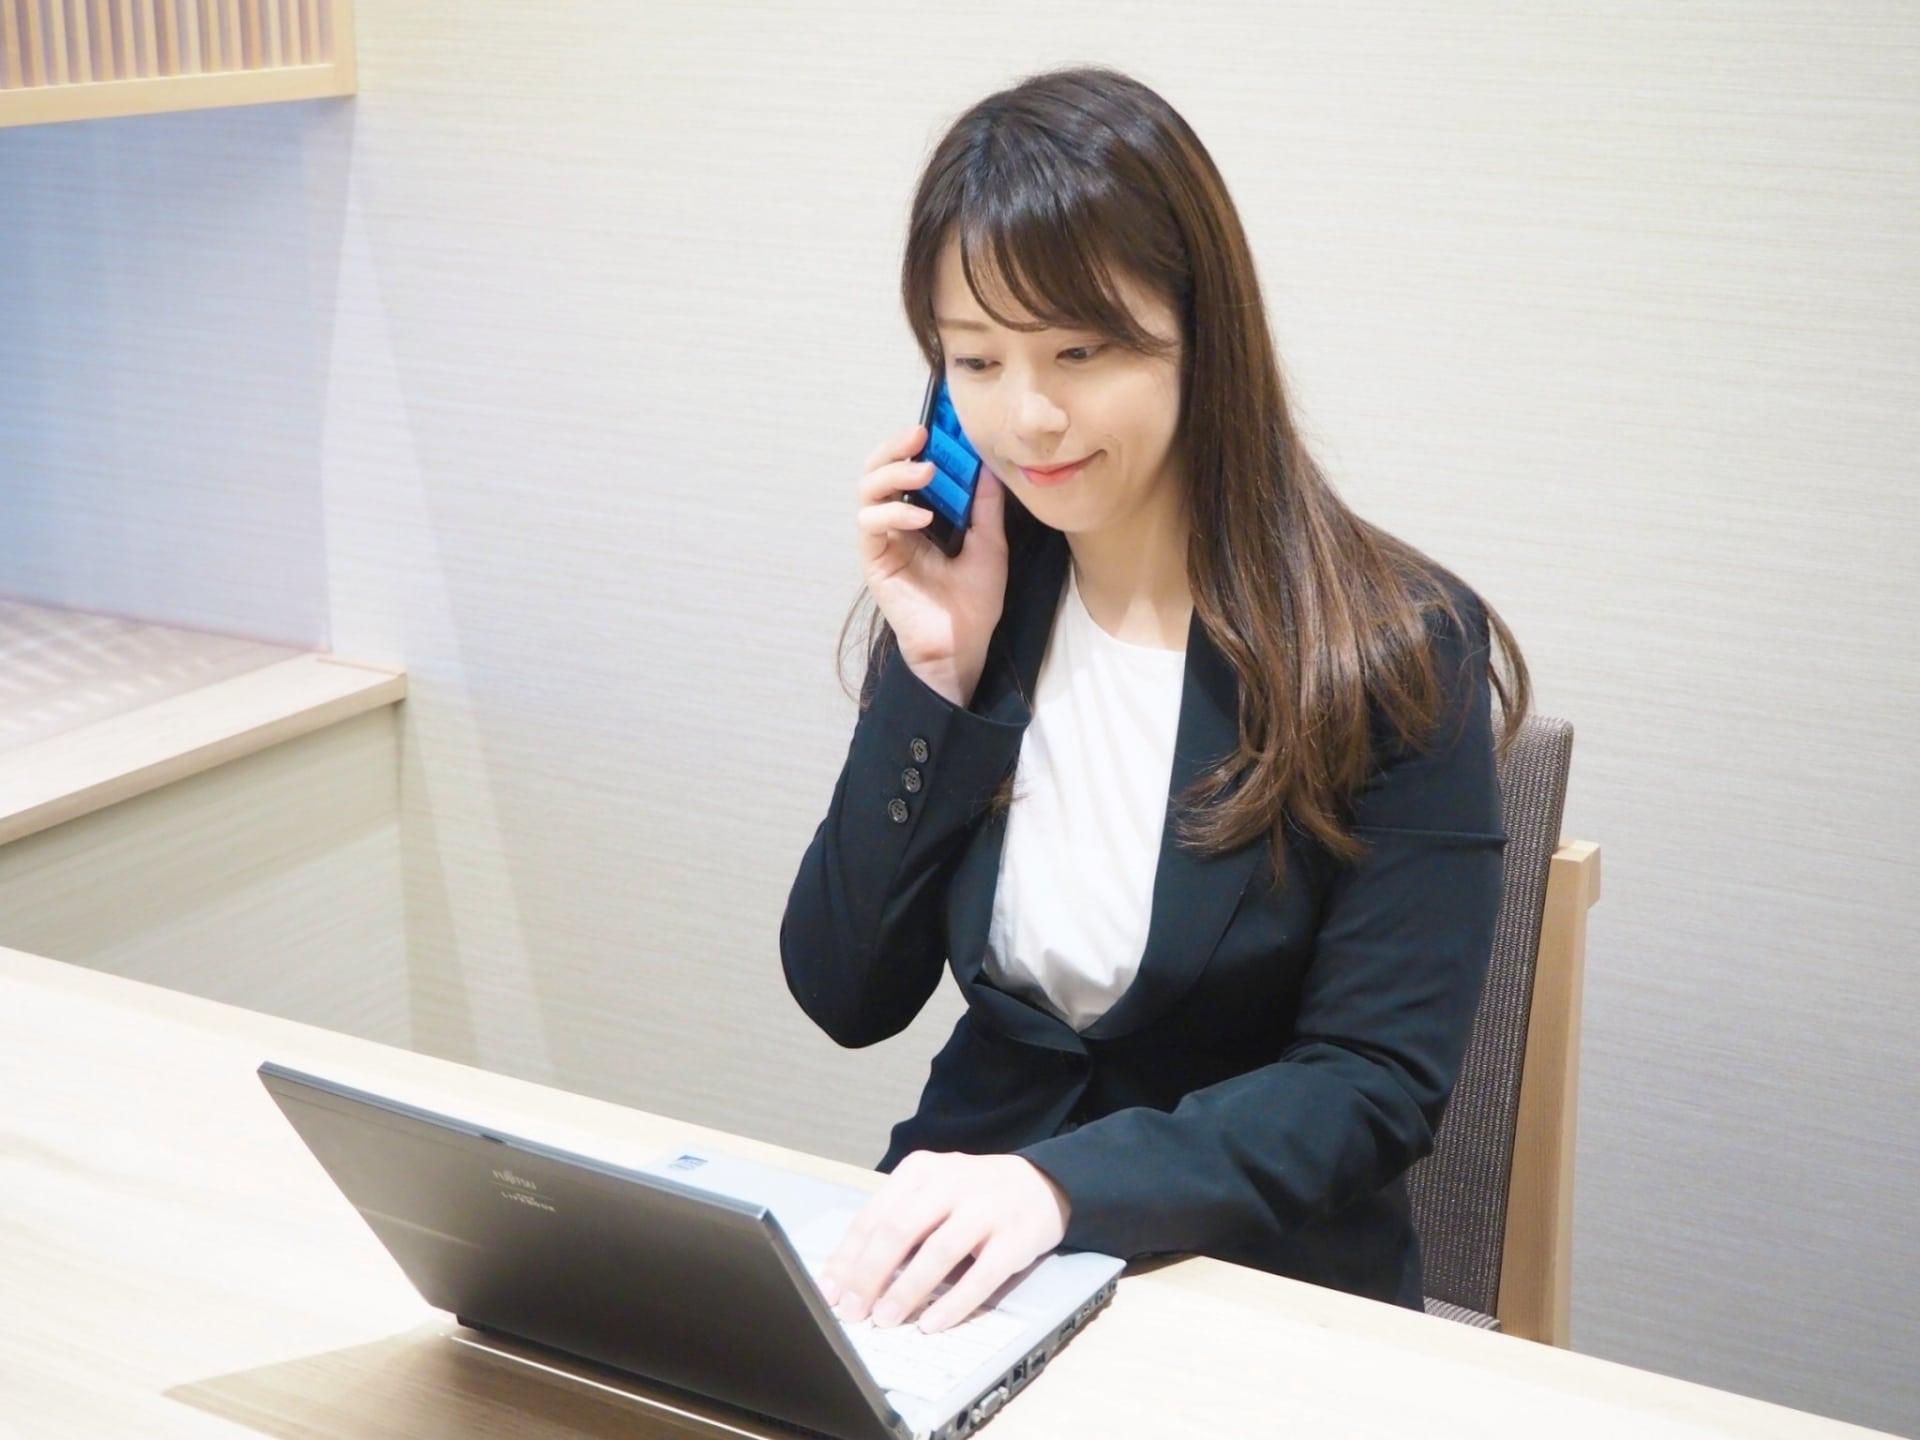 電話応対する女性の画像